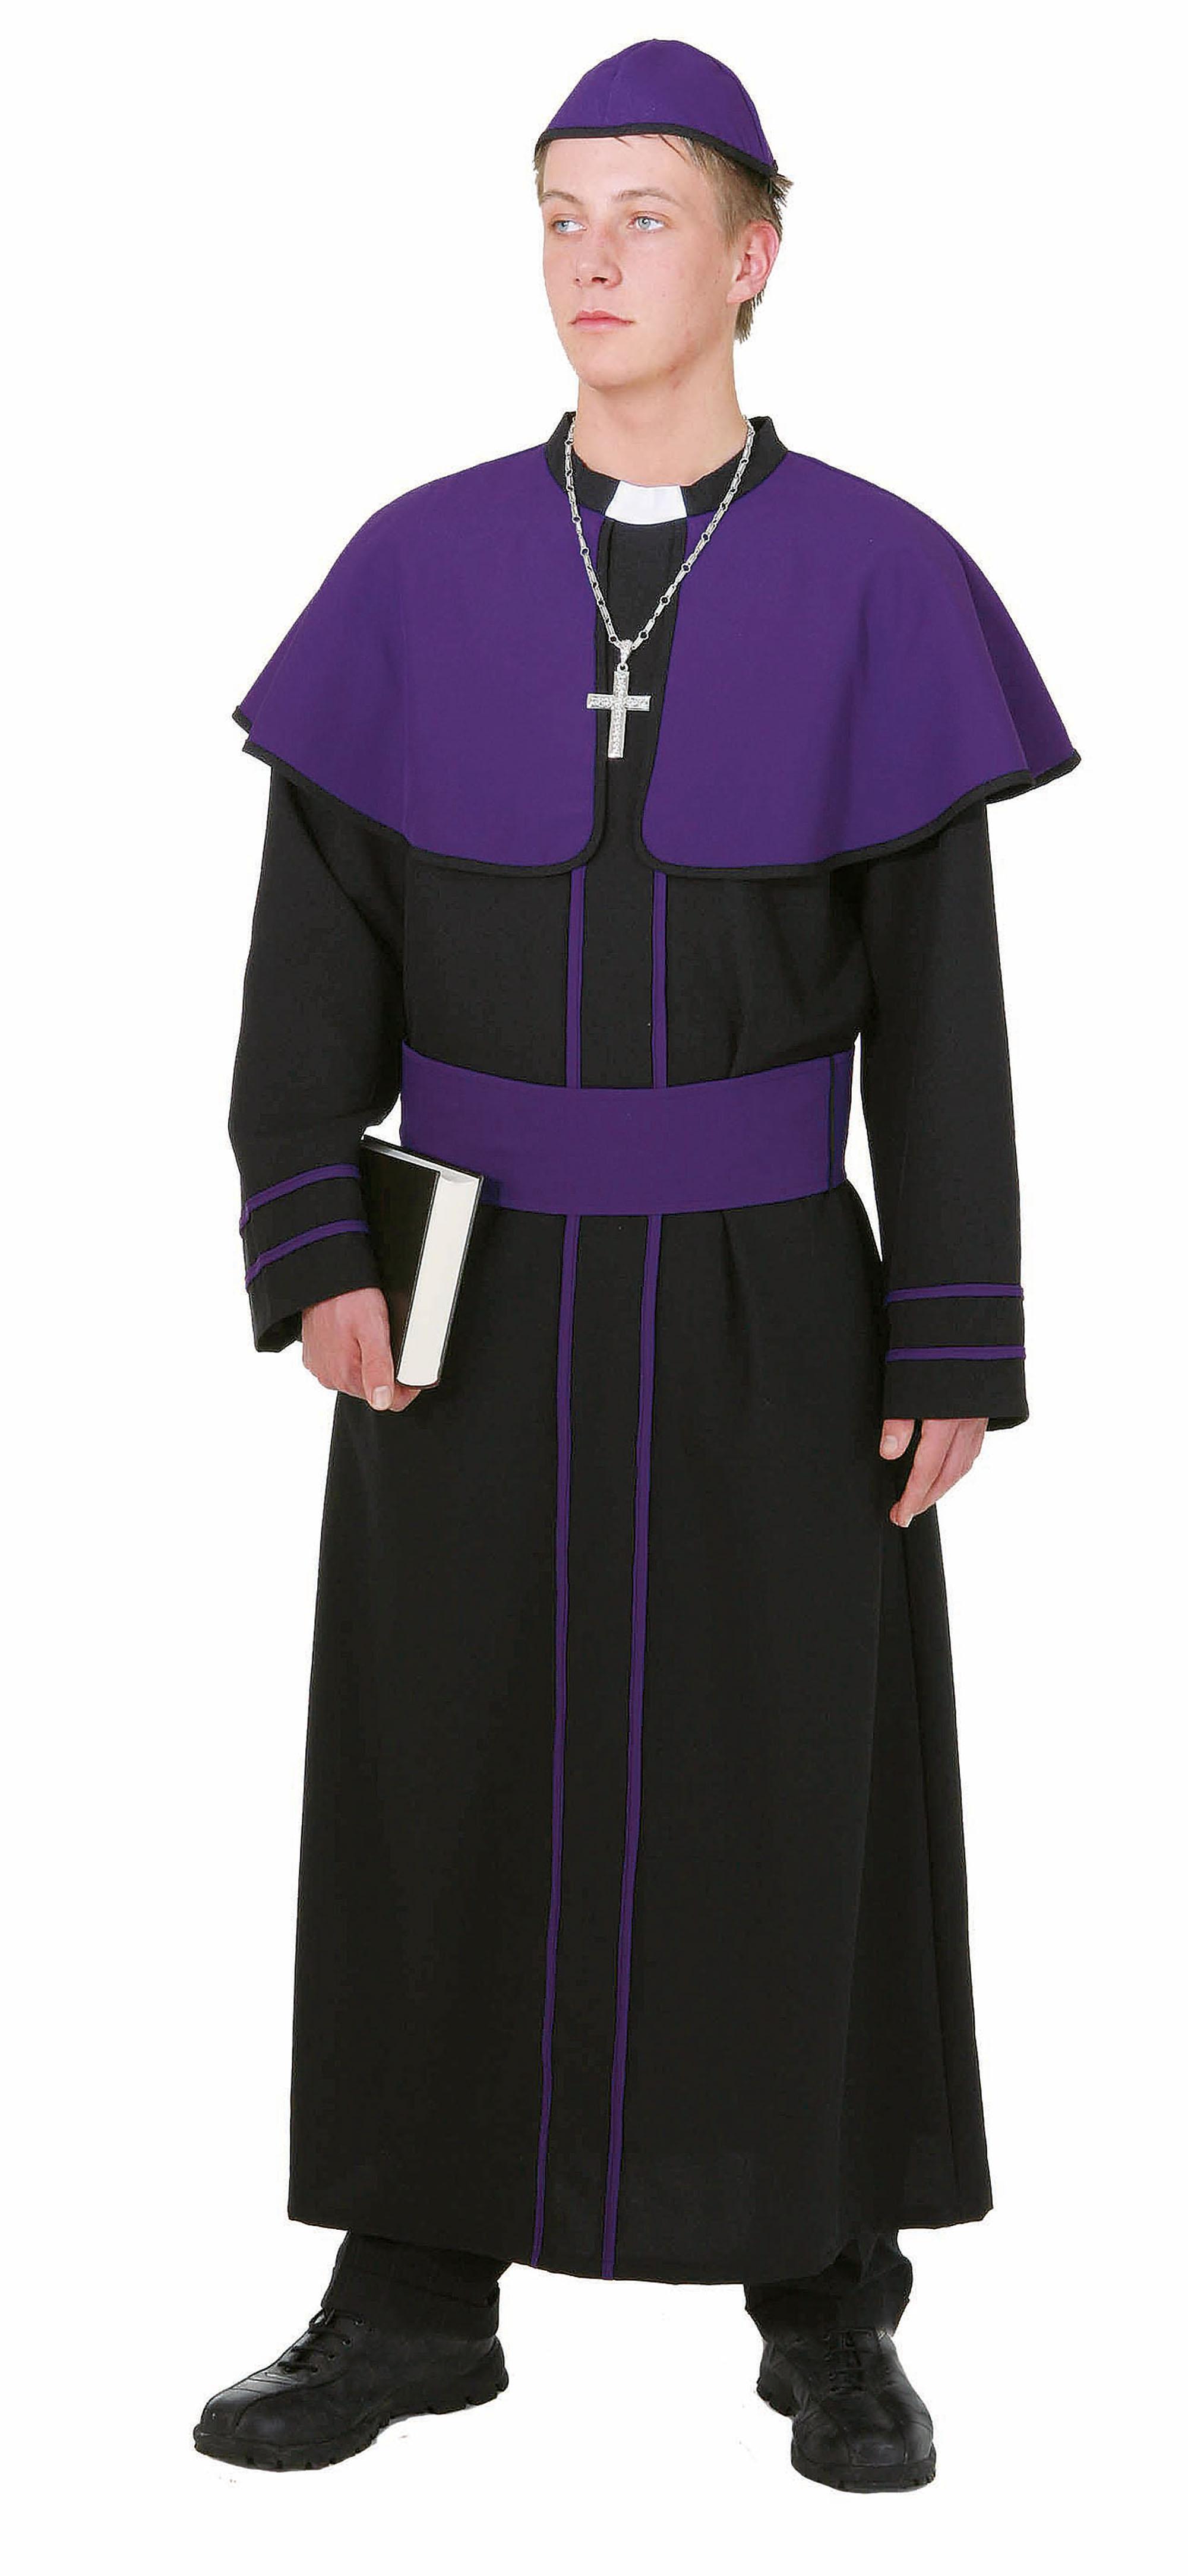 Adult size Cardinal Costume